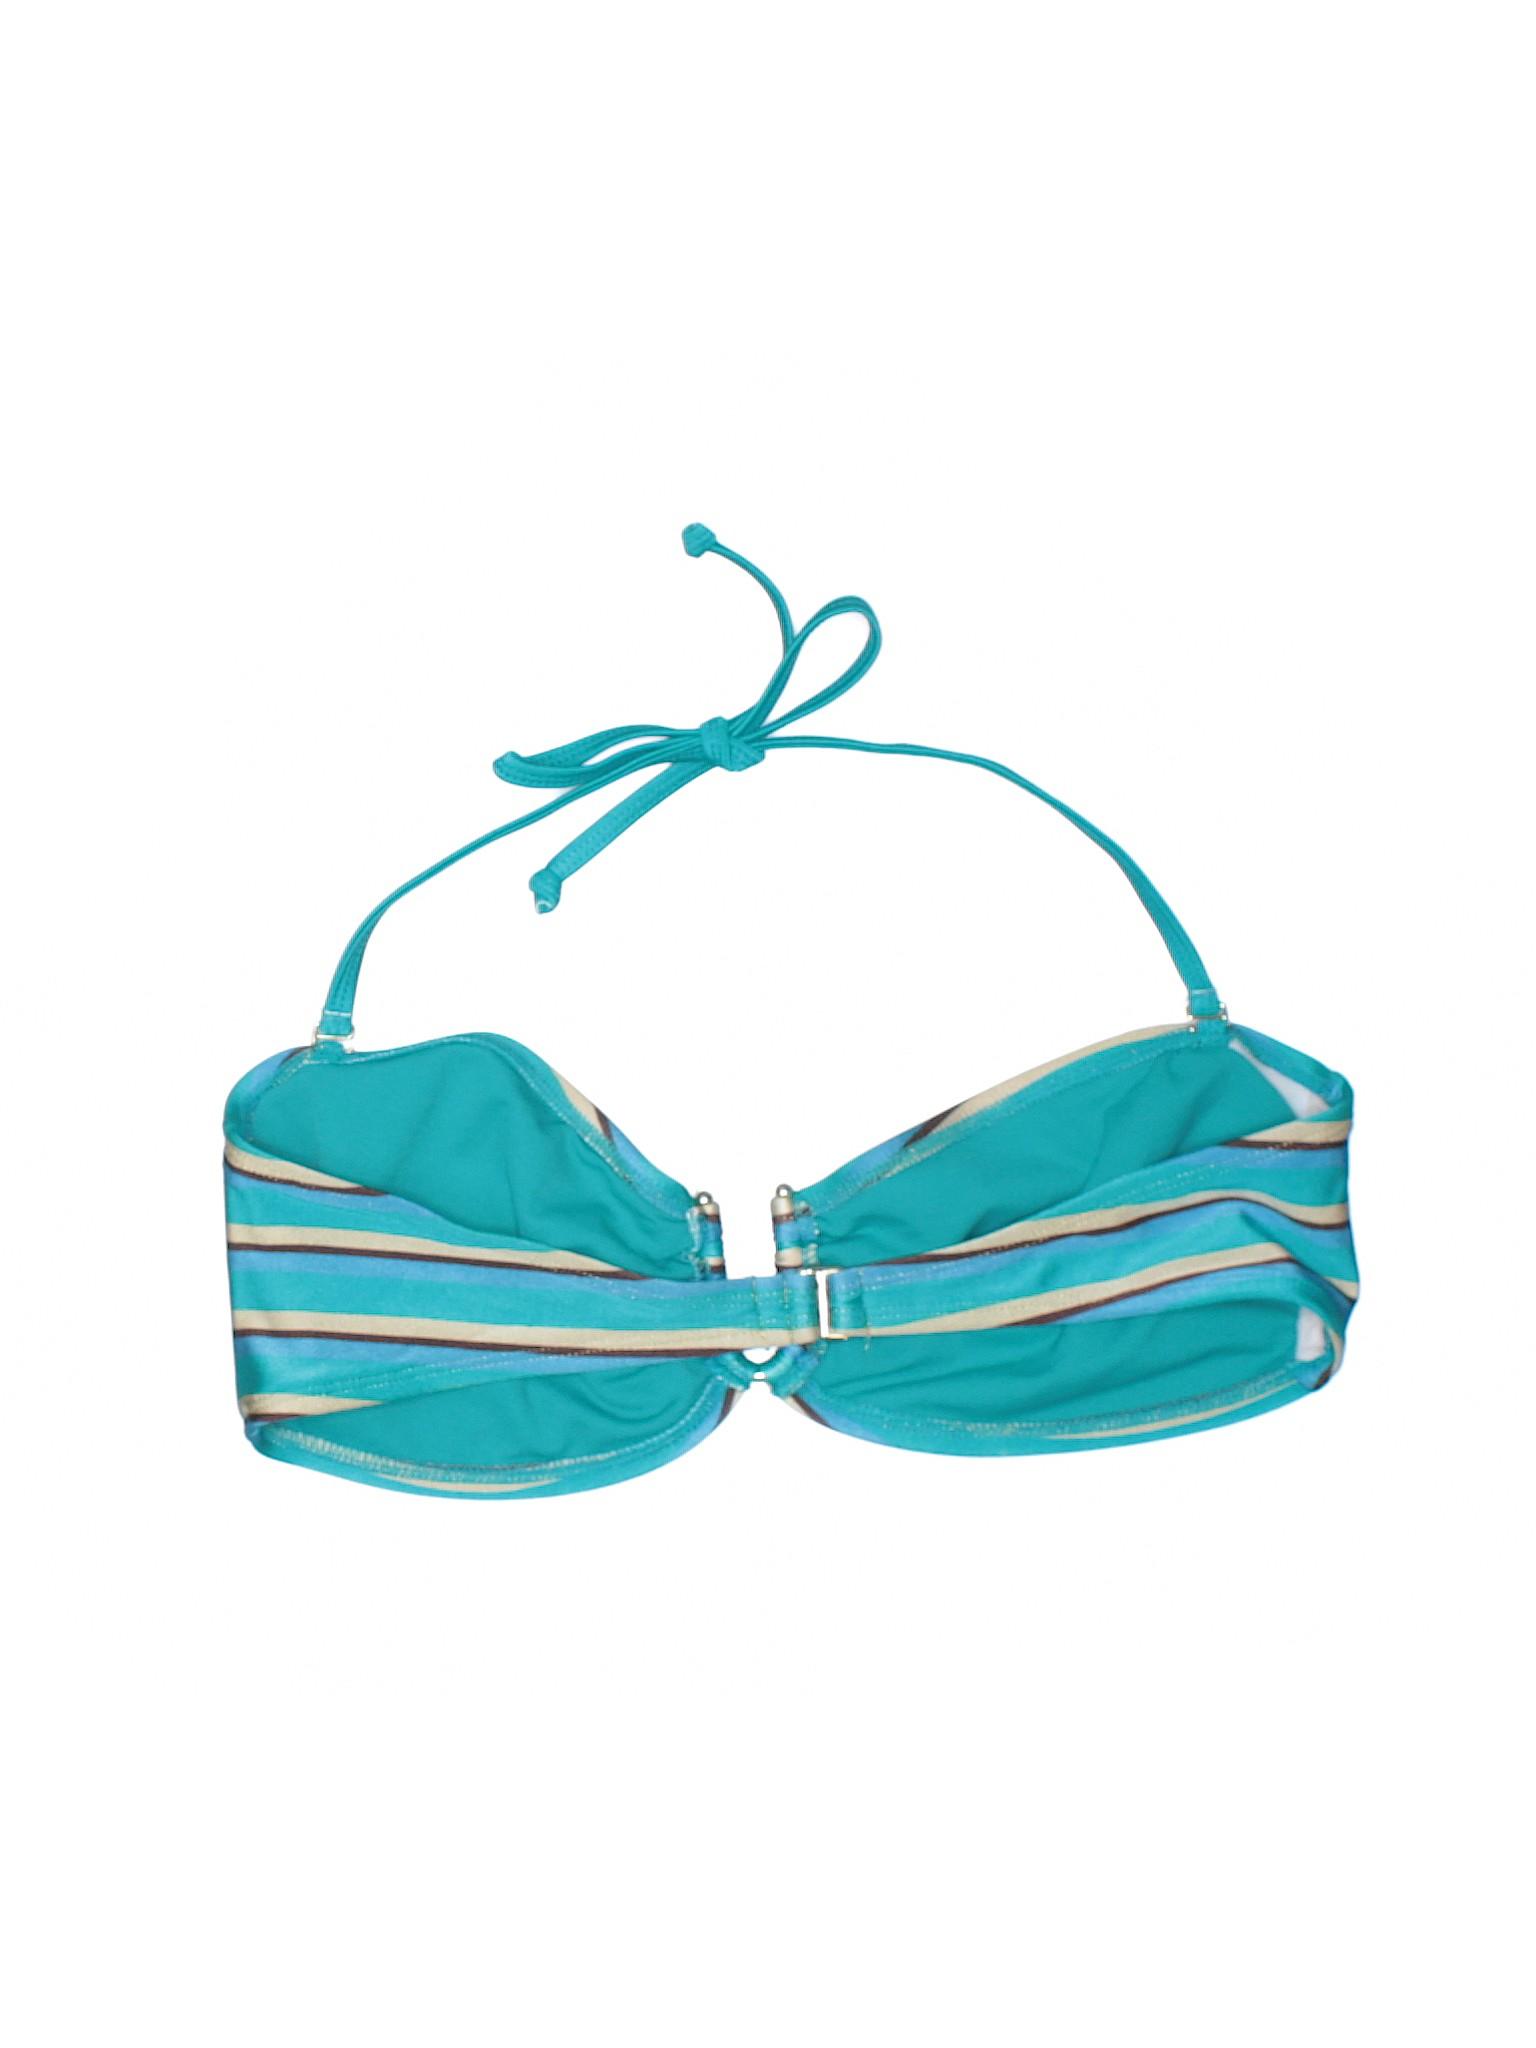 Swimsuit Boutique Swimsuit Xhilaration Top Top Boutique Boutique Xhilaration Xhilaration Sd545wqg